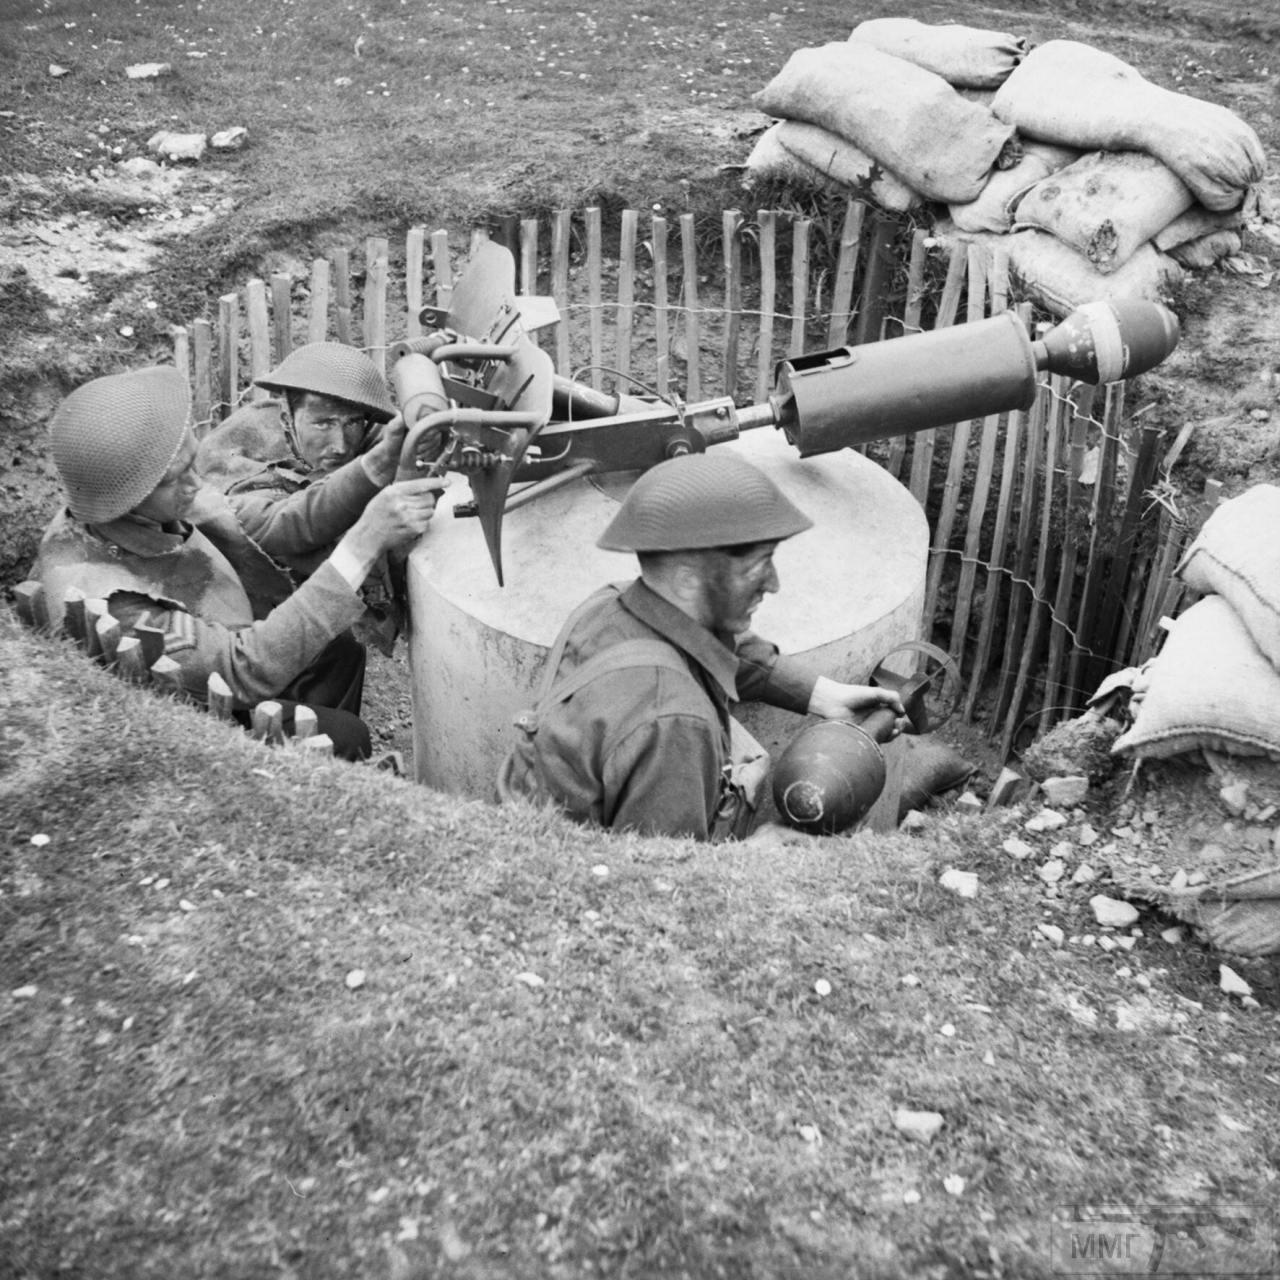 59817 - Военное фото 1939-1945 г.г. Западный фронт и Африка.